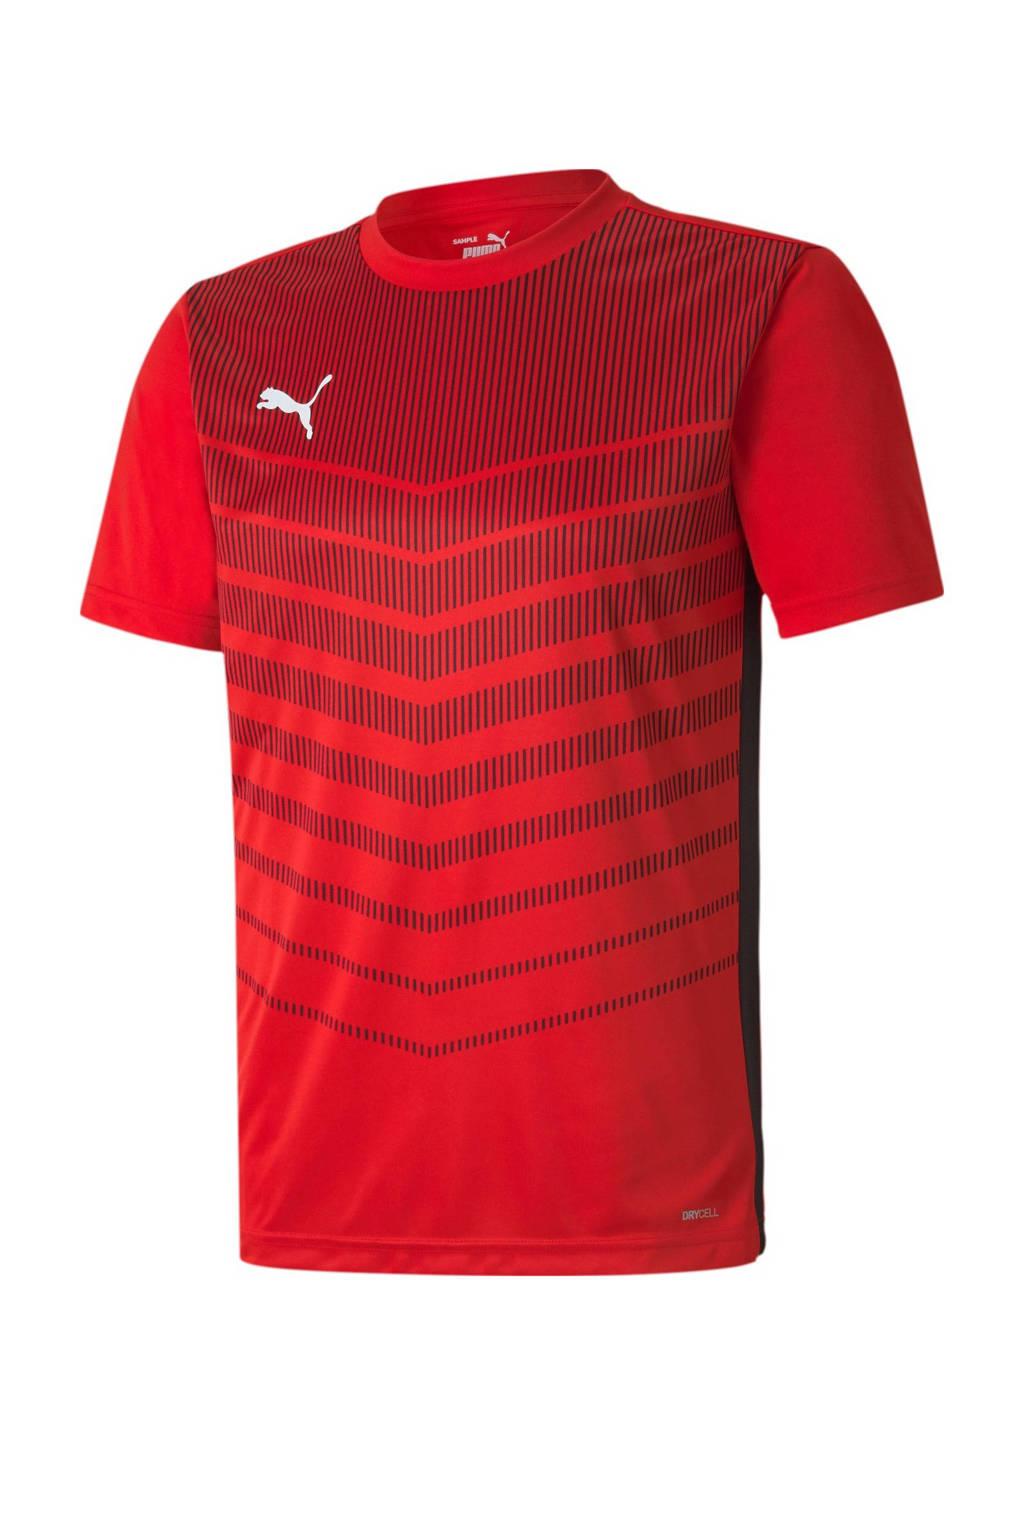 Puma Senior  voetbal T-shirt rood, Rood